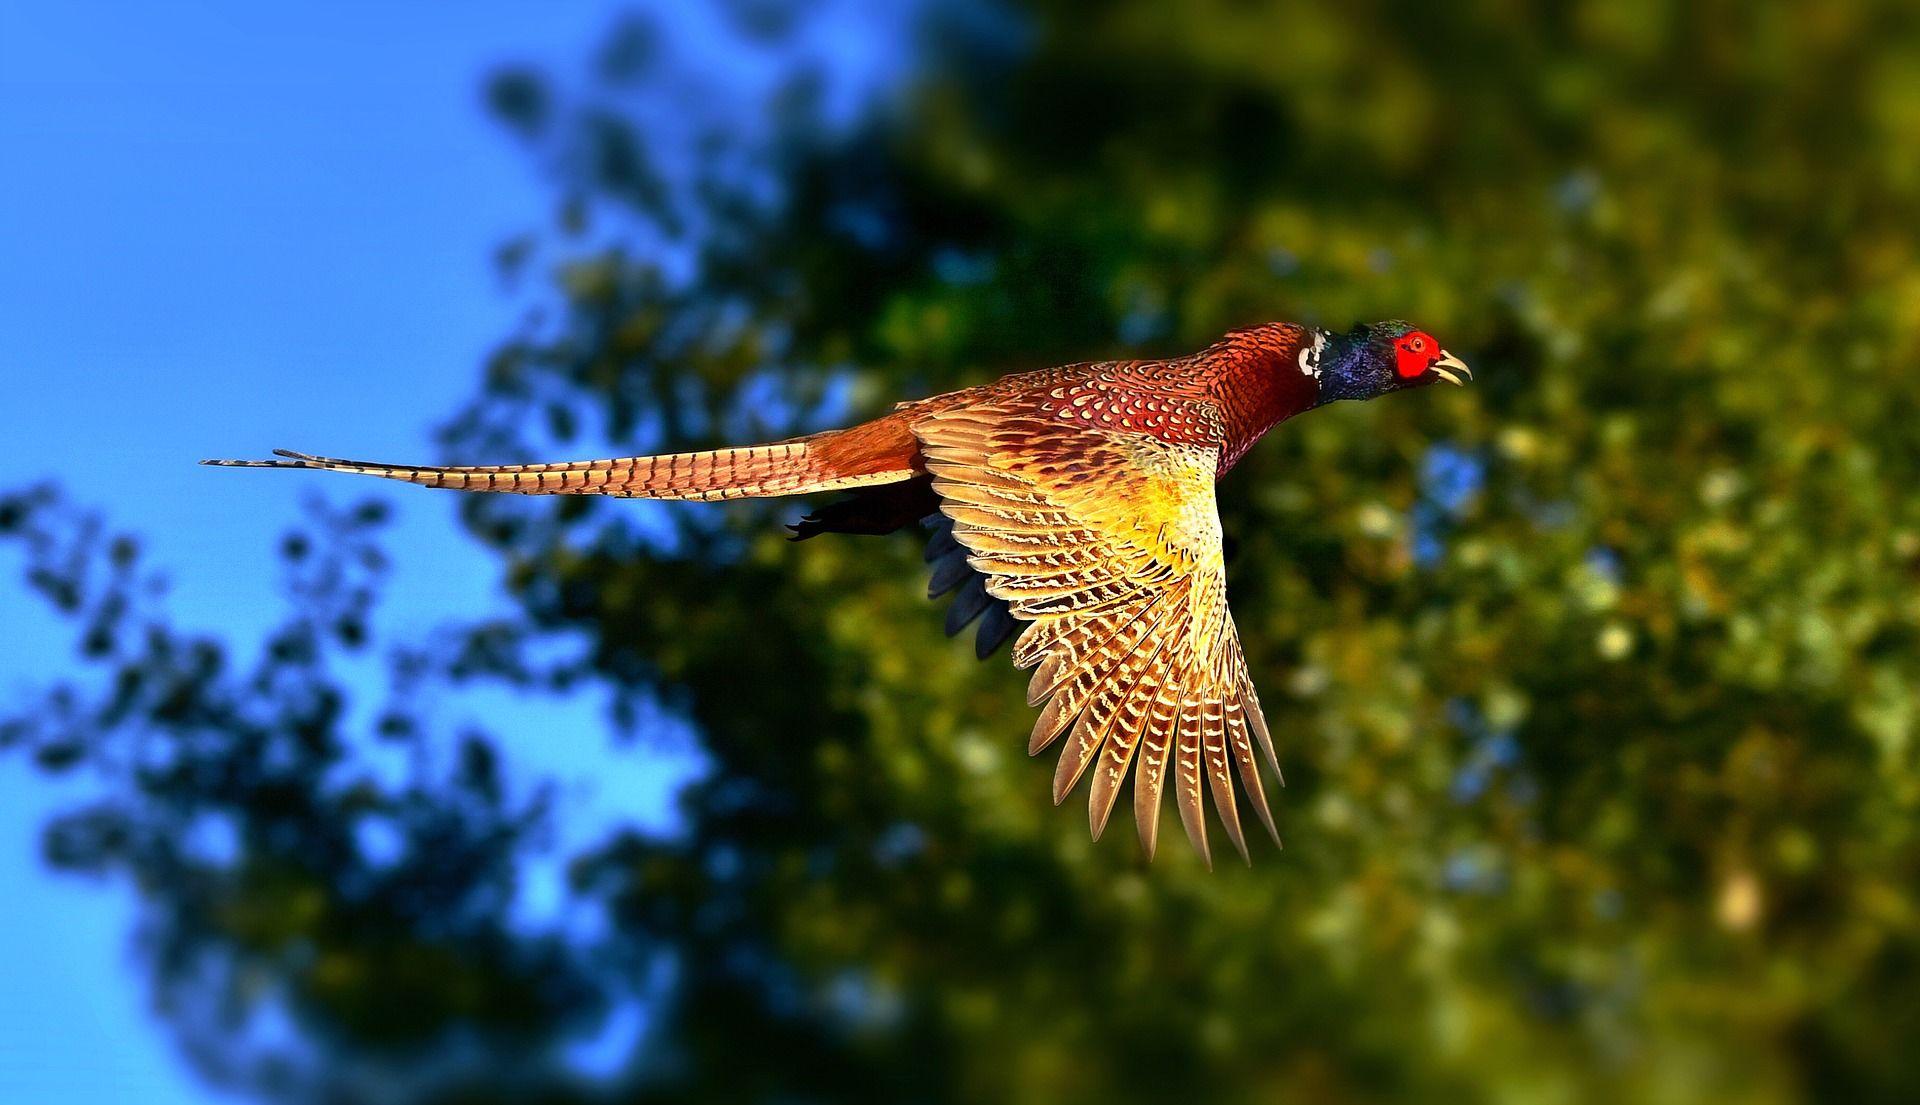 Купить красивые фото фазана. Скачать бесплатно в хорошем качестве